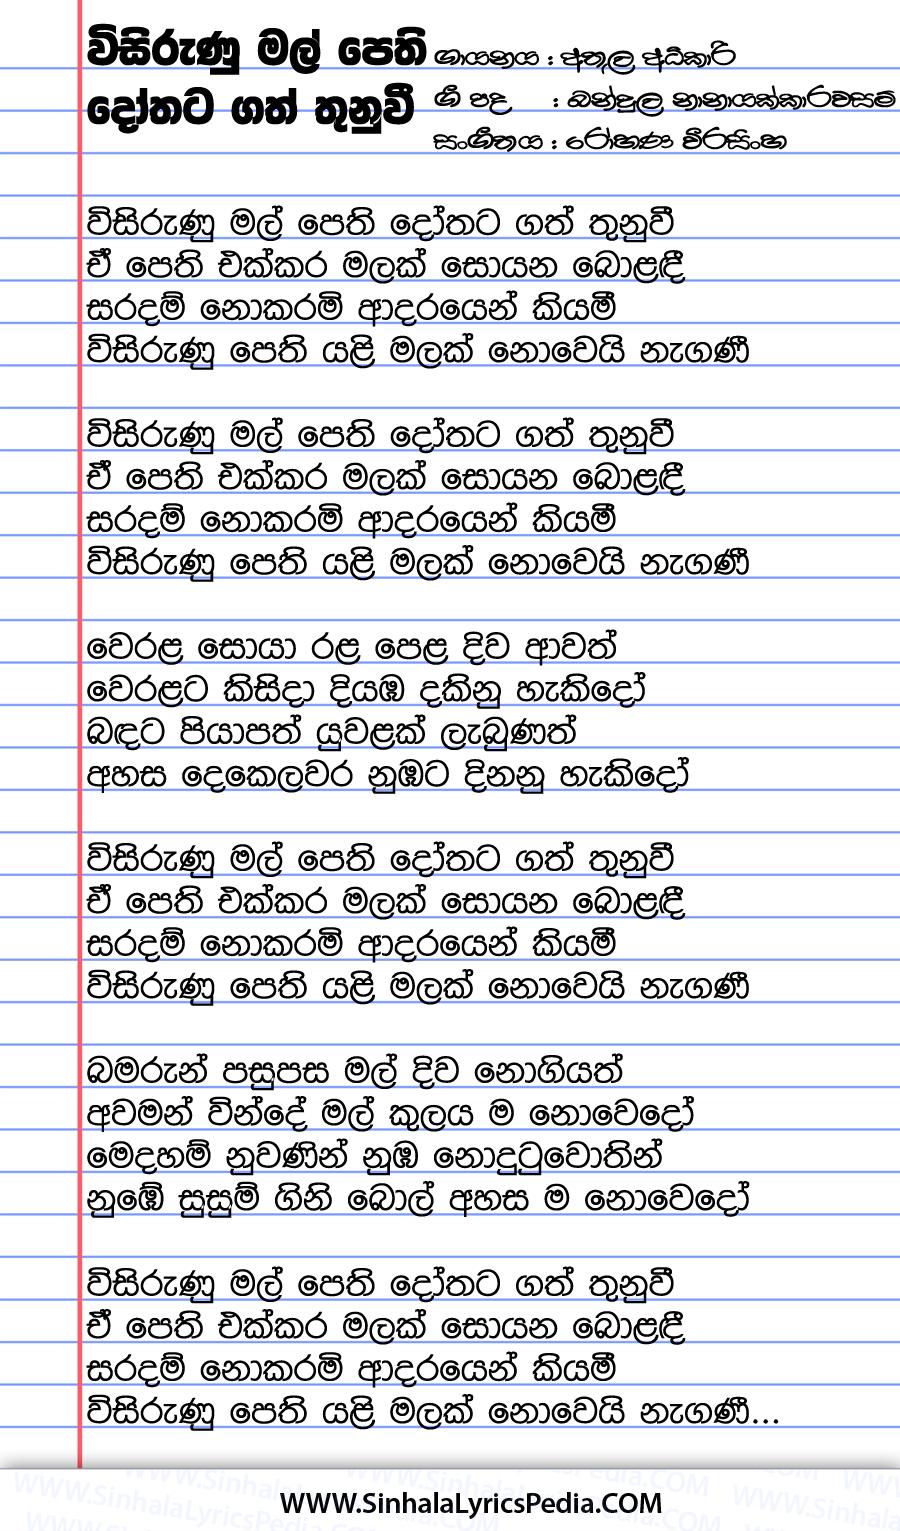 Visirunu Mal Pethi Song Lyrics